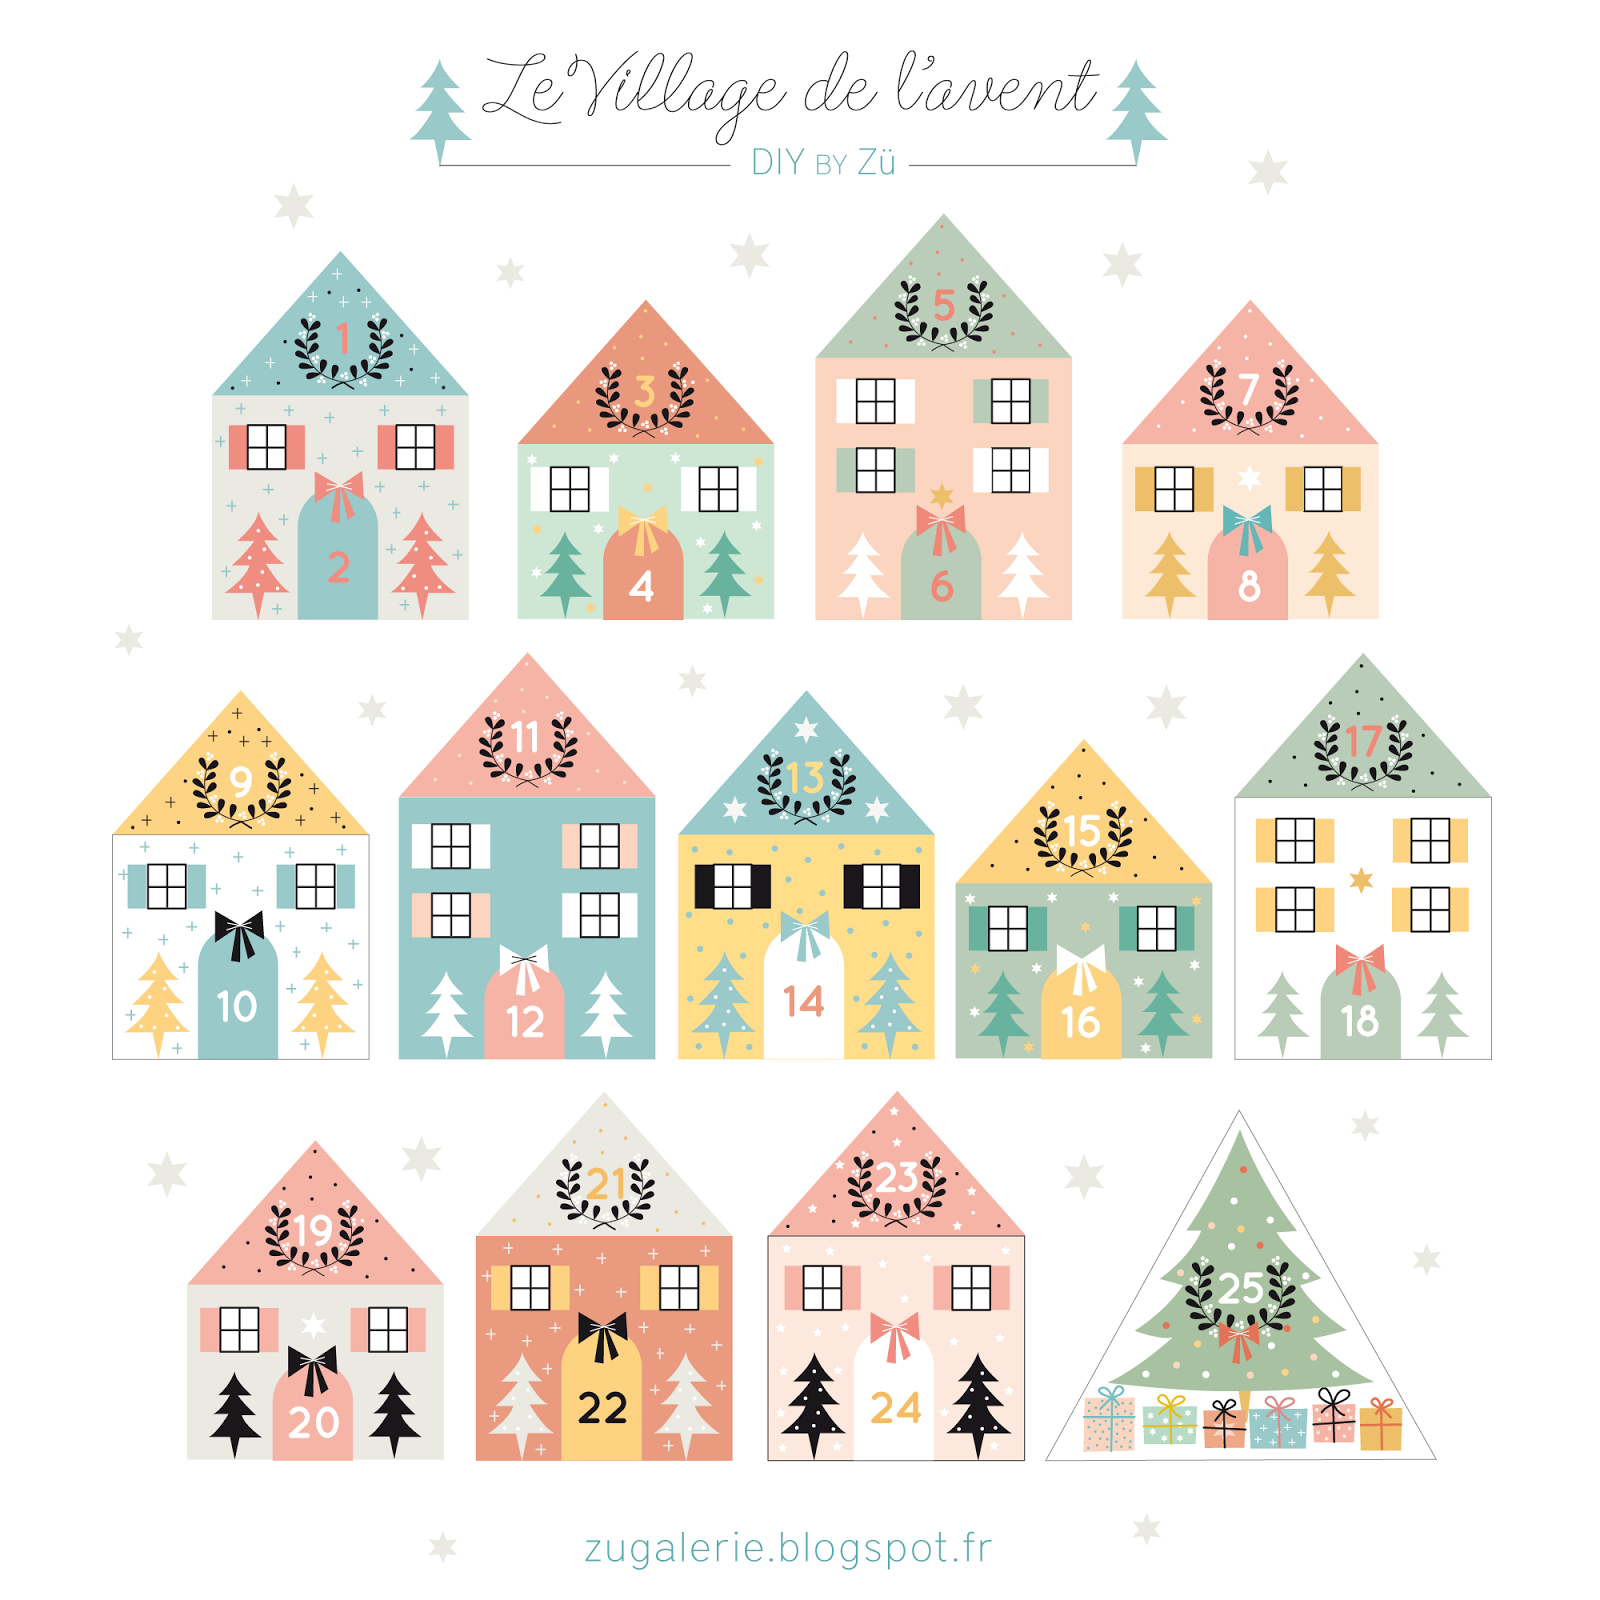 calendrier de l 39 avent diy 2015 advent calendars free. Black Bedroom Furniture Sets. Home Design Ideas